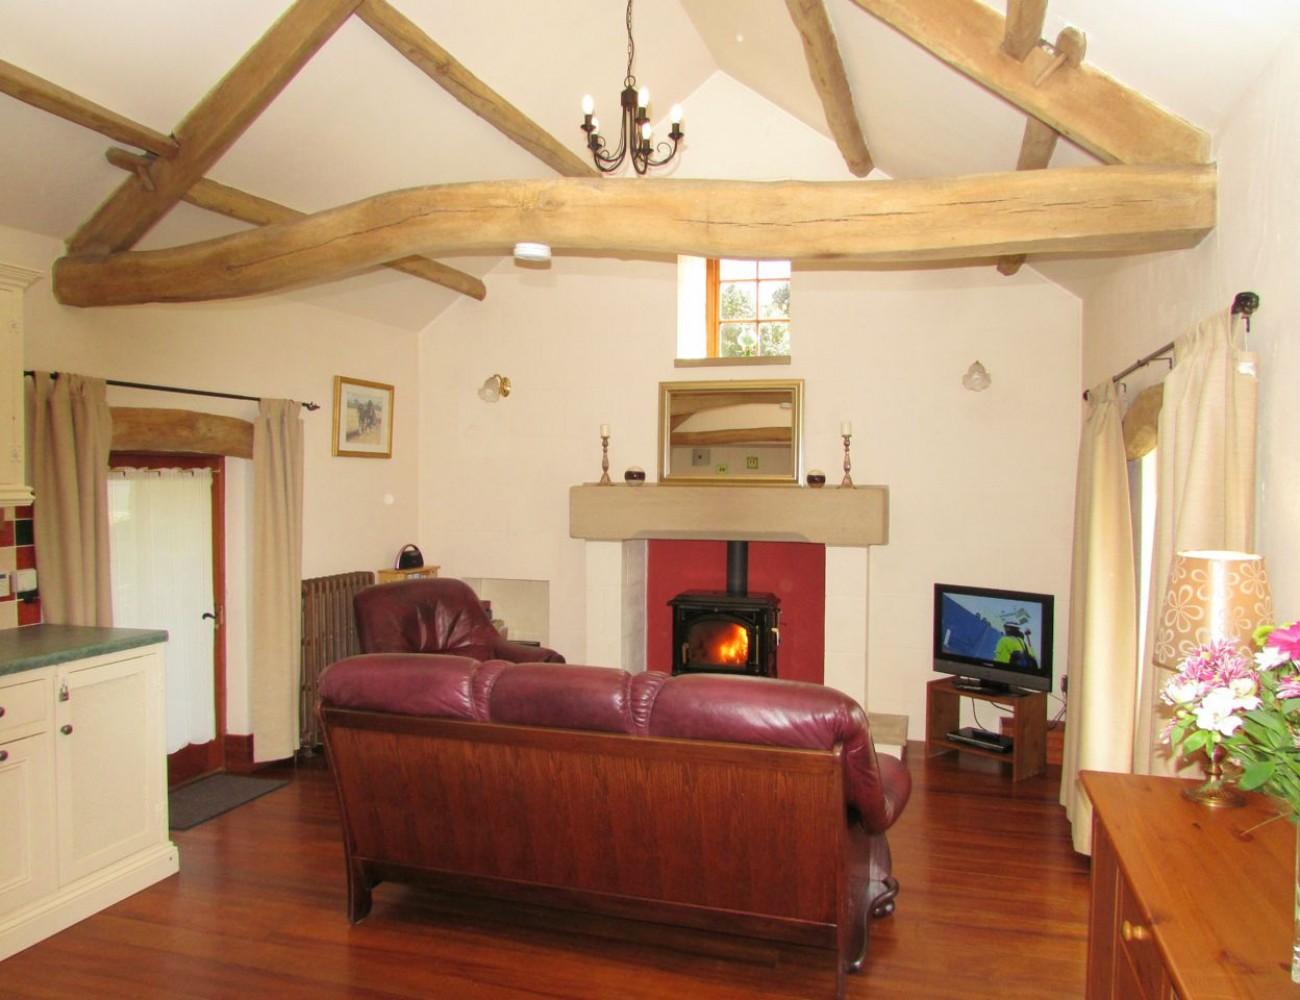 Low crossett cottage unique holiday cottages for Unique holiday cottages